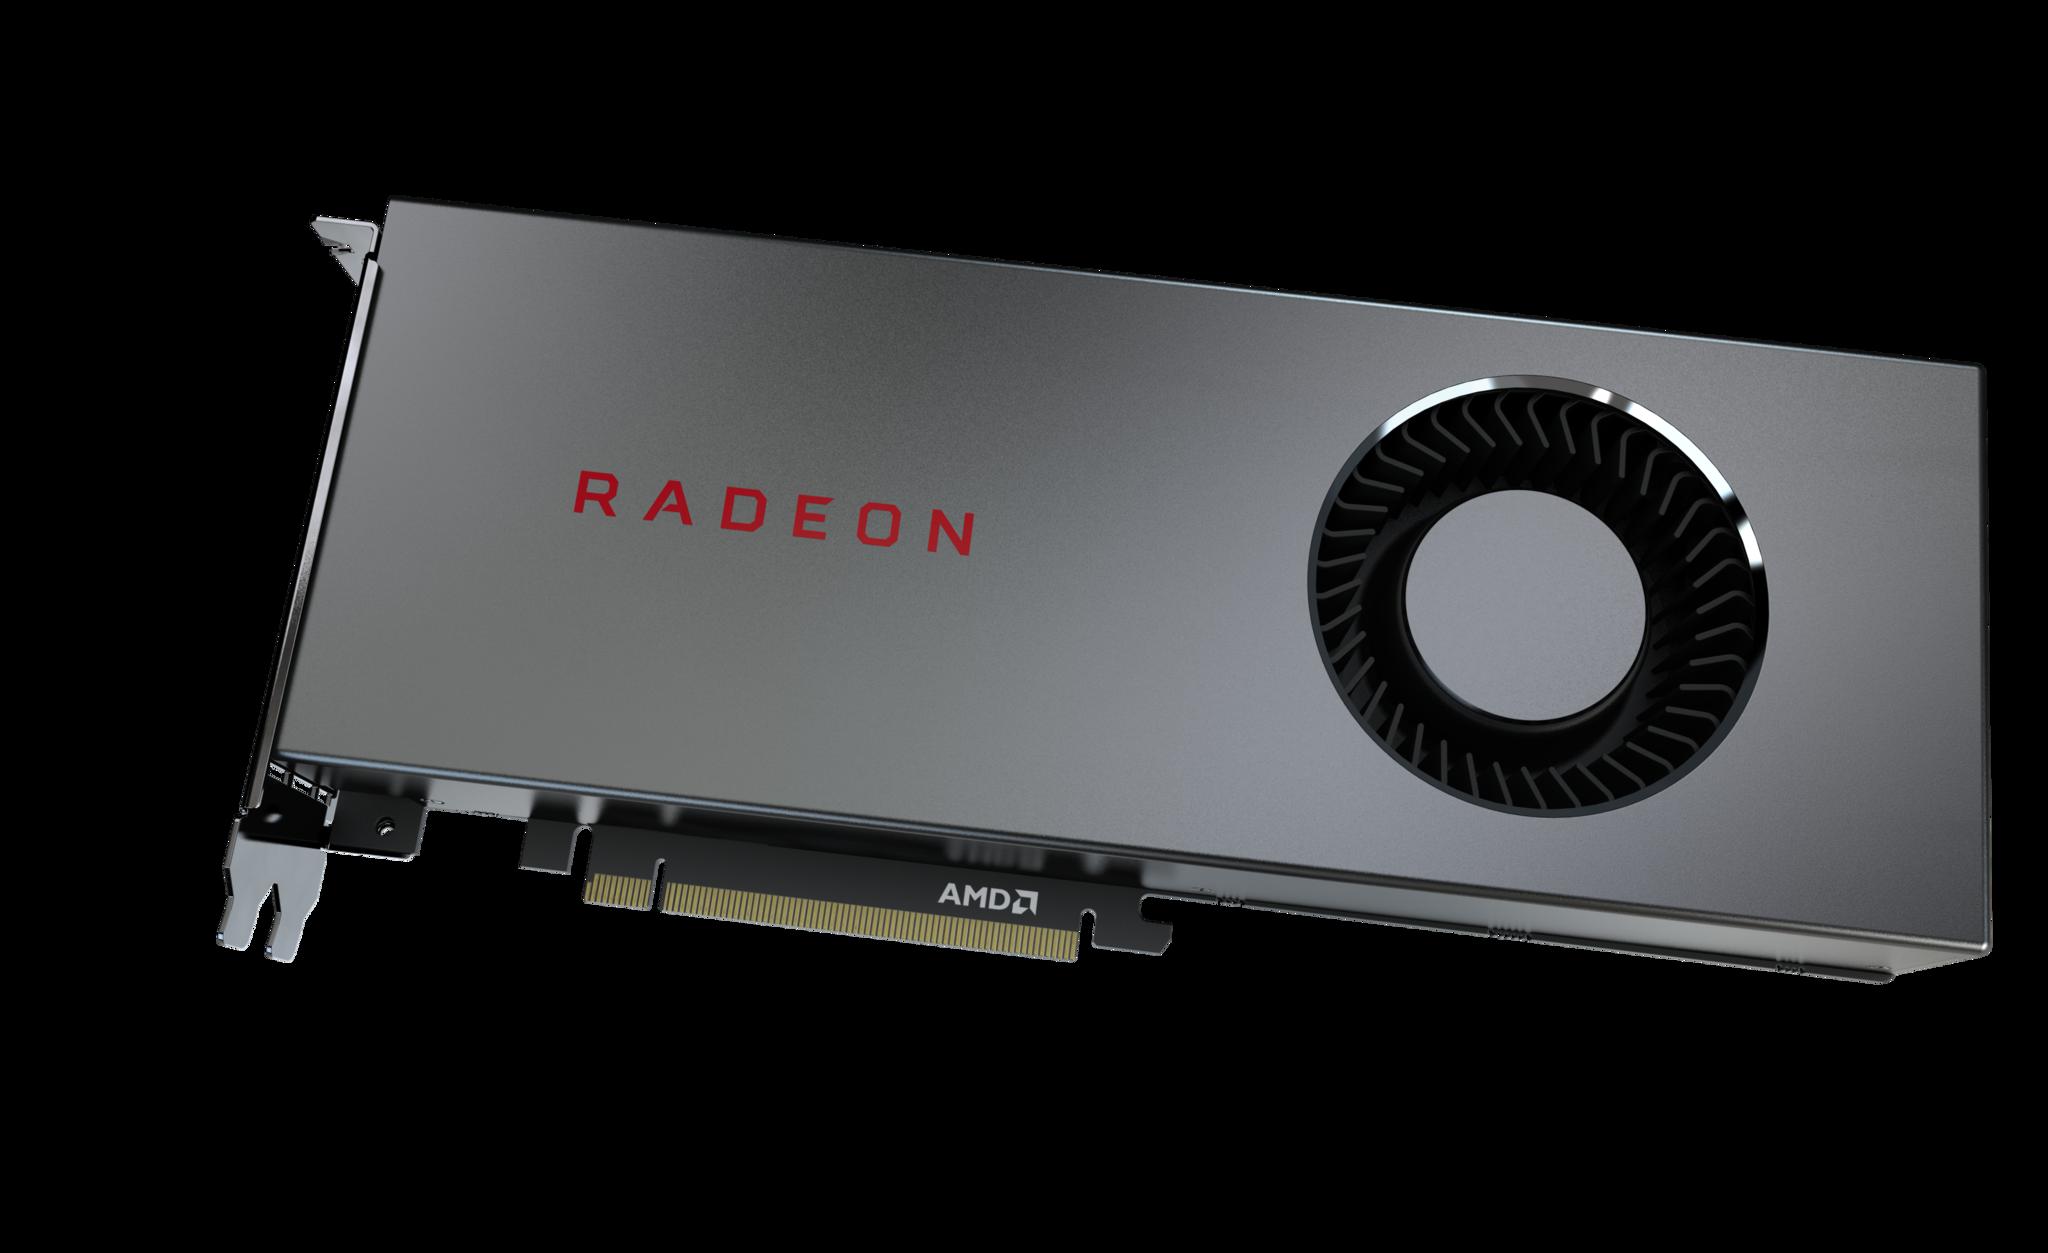 4 AMD เปิดตัวผลิตภัณฑ์แสดงความเป็นผู้นำแพลทฟอร์มพีซี สำหรับเกมเมอร์ทั่วโลก ณ งาน E3 2019